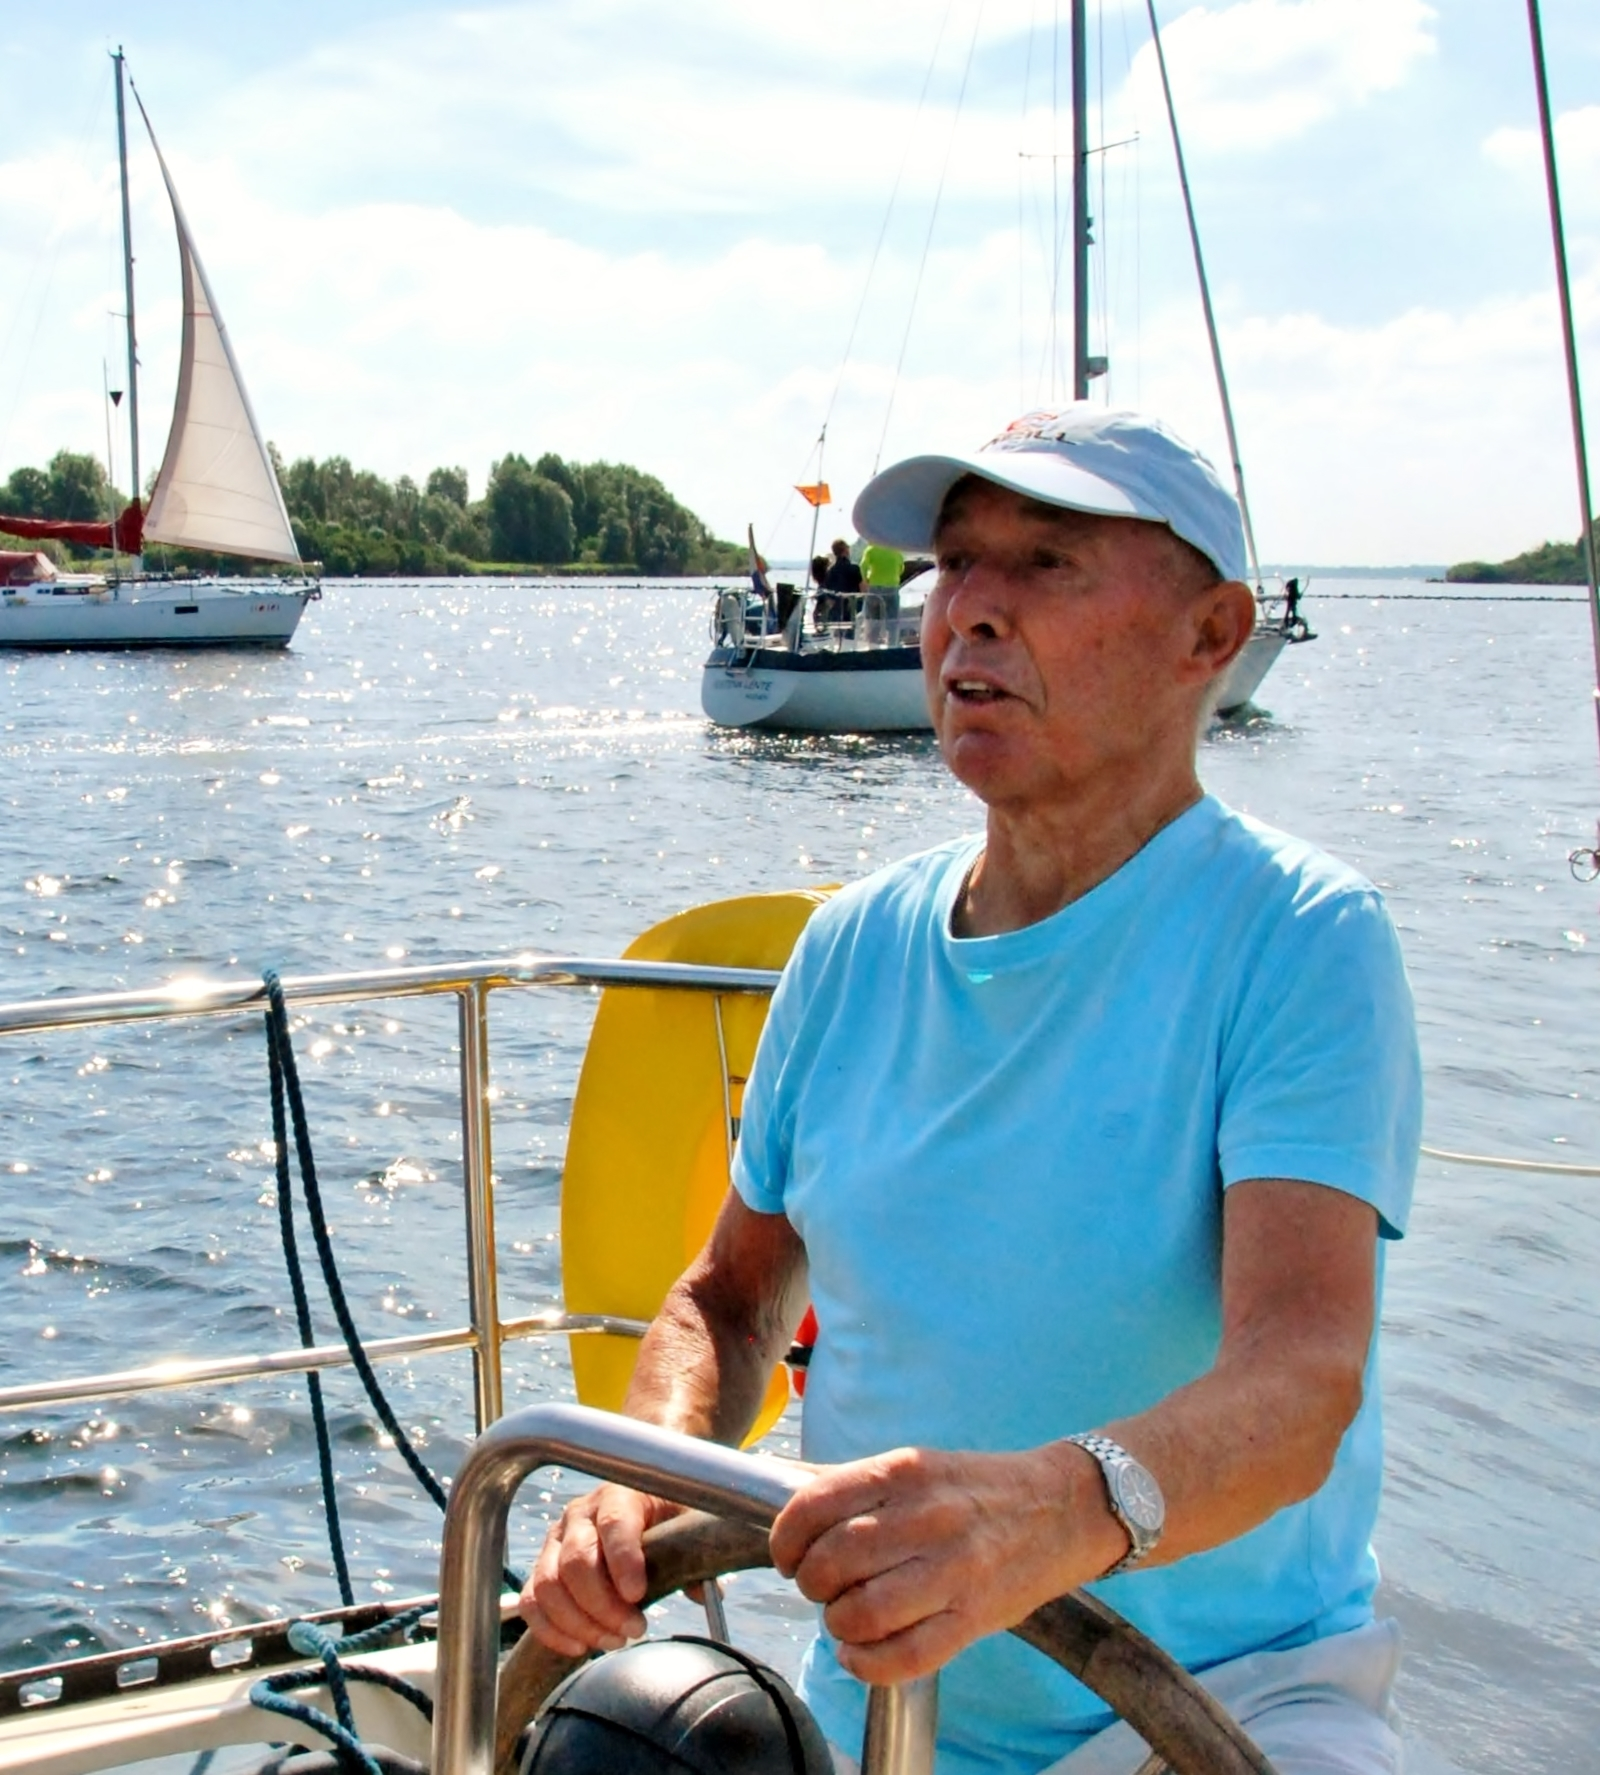 Topsport for Life - Jan Schouten - Samen Voor De Wind 2014